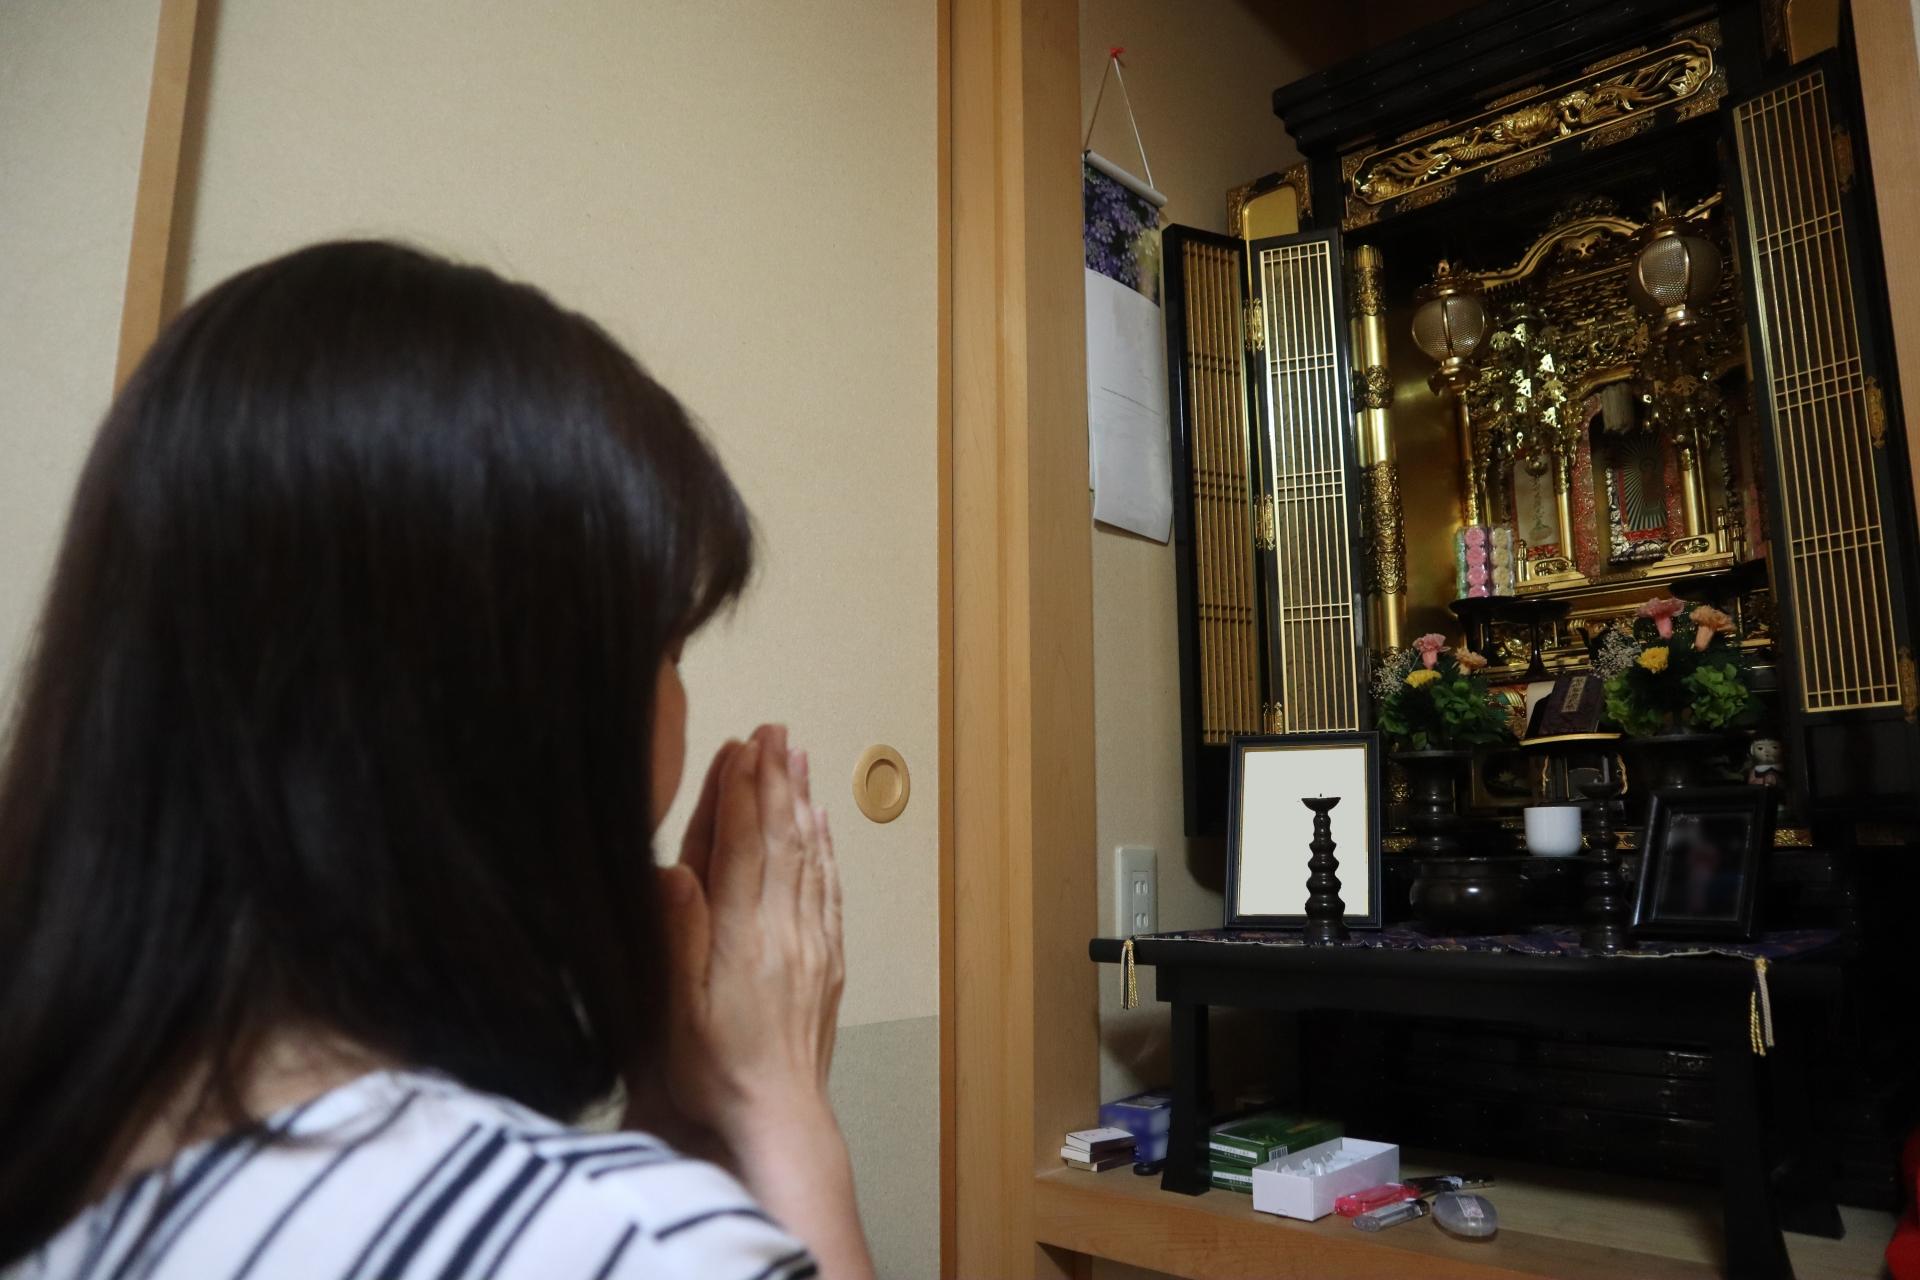 交野市の方へ|仏壇の遺品整理のご相談は遺品整理相談窓口まで!のアイキャッチ